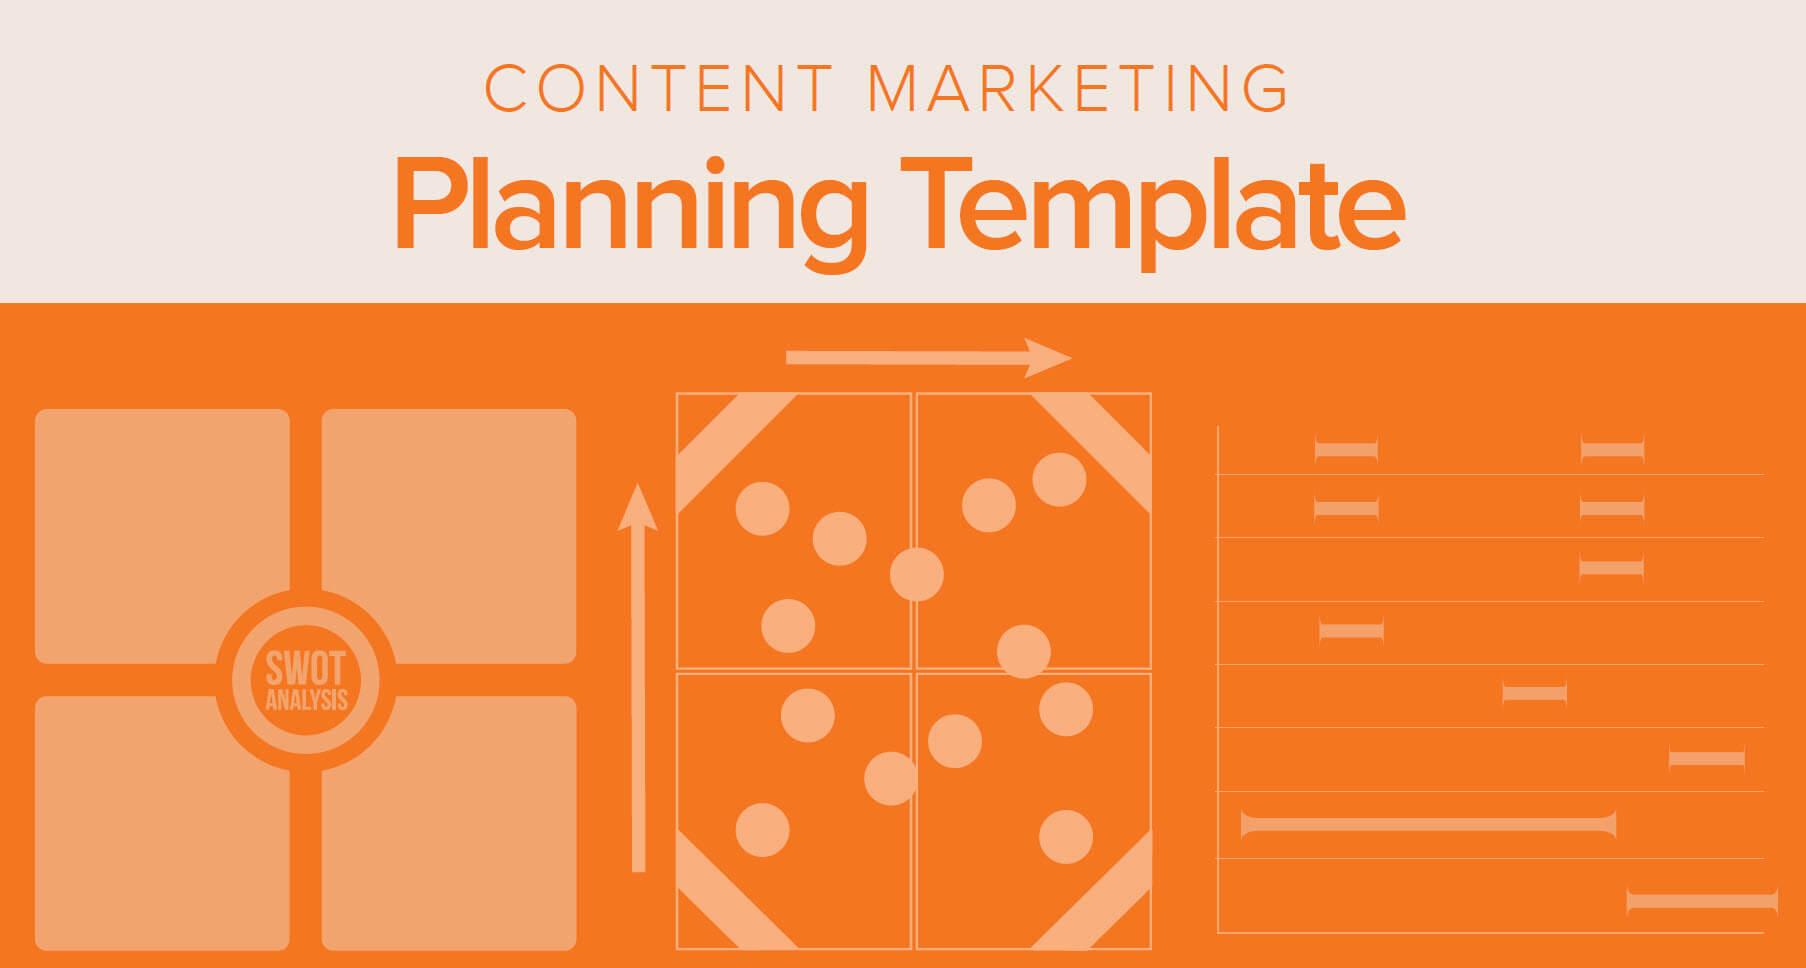 Editorial Calendar Spreadsheet Template Regarding 10 Free Content Strategy  Editorial Calendar Templates  Builtvisible